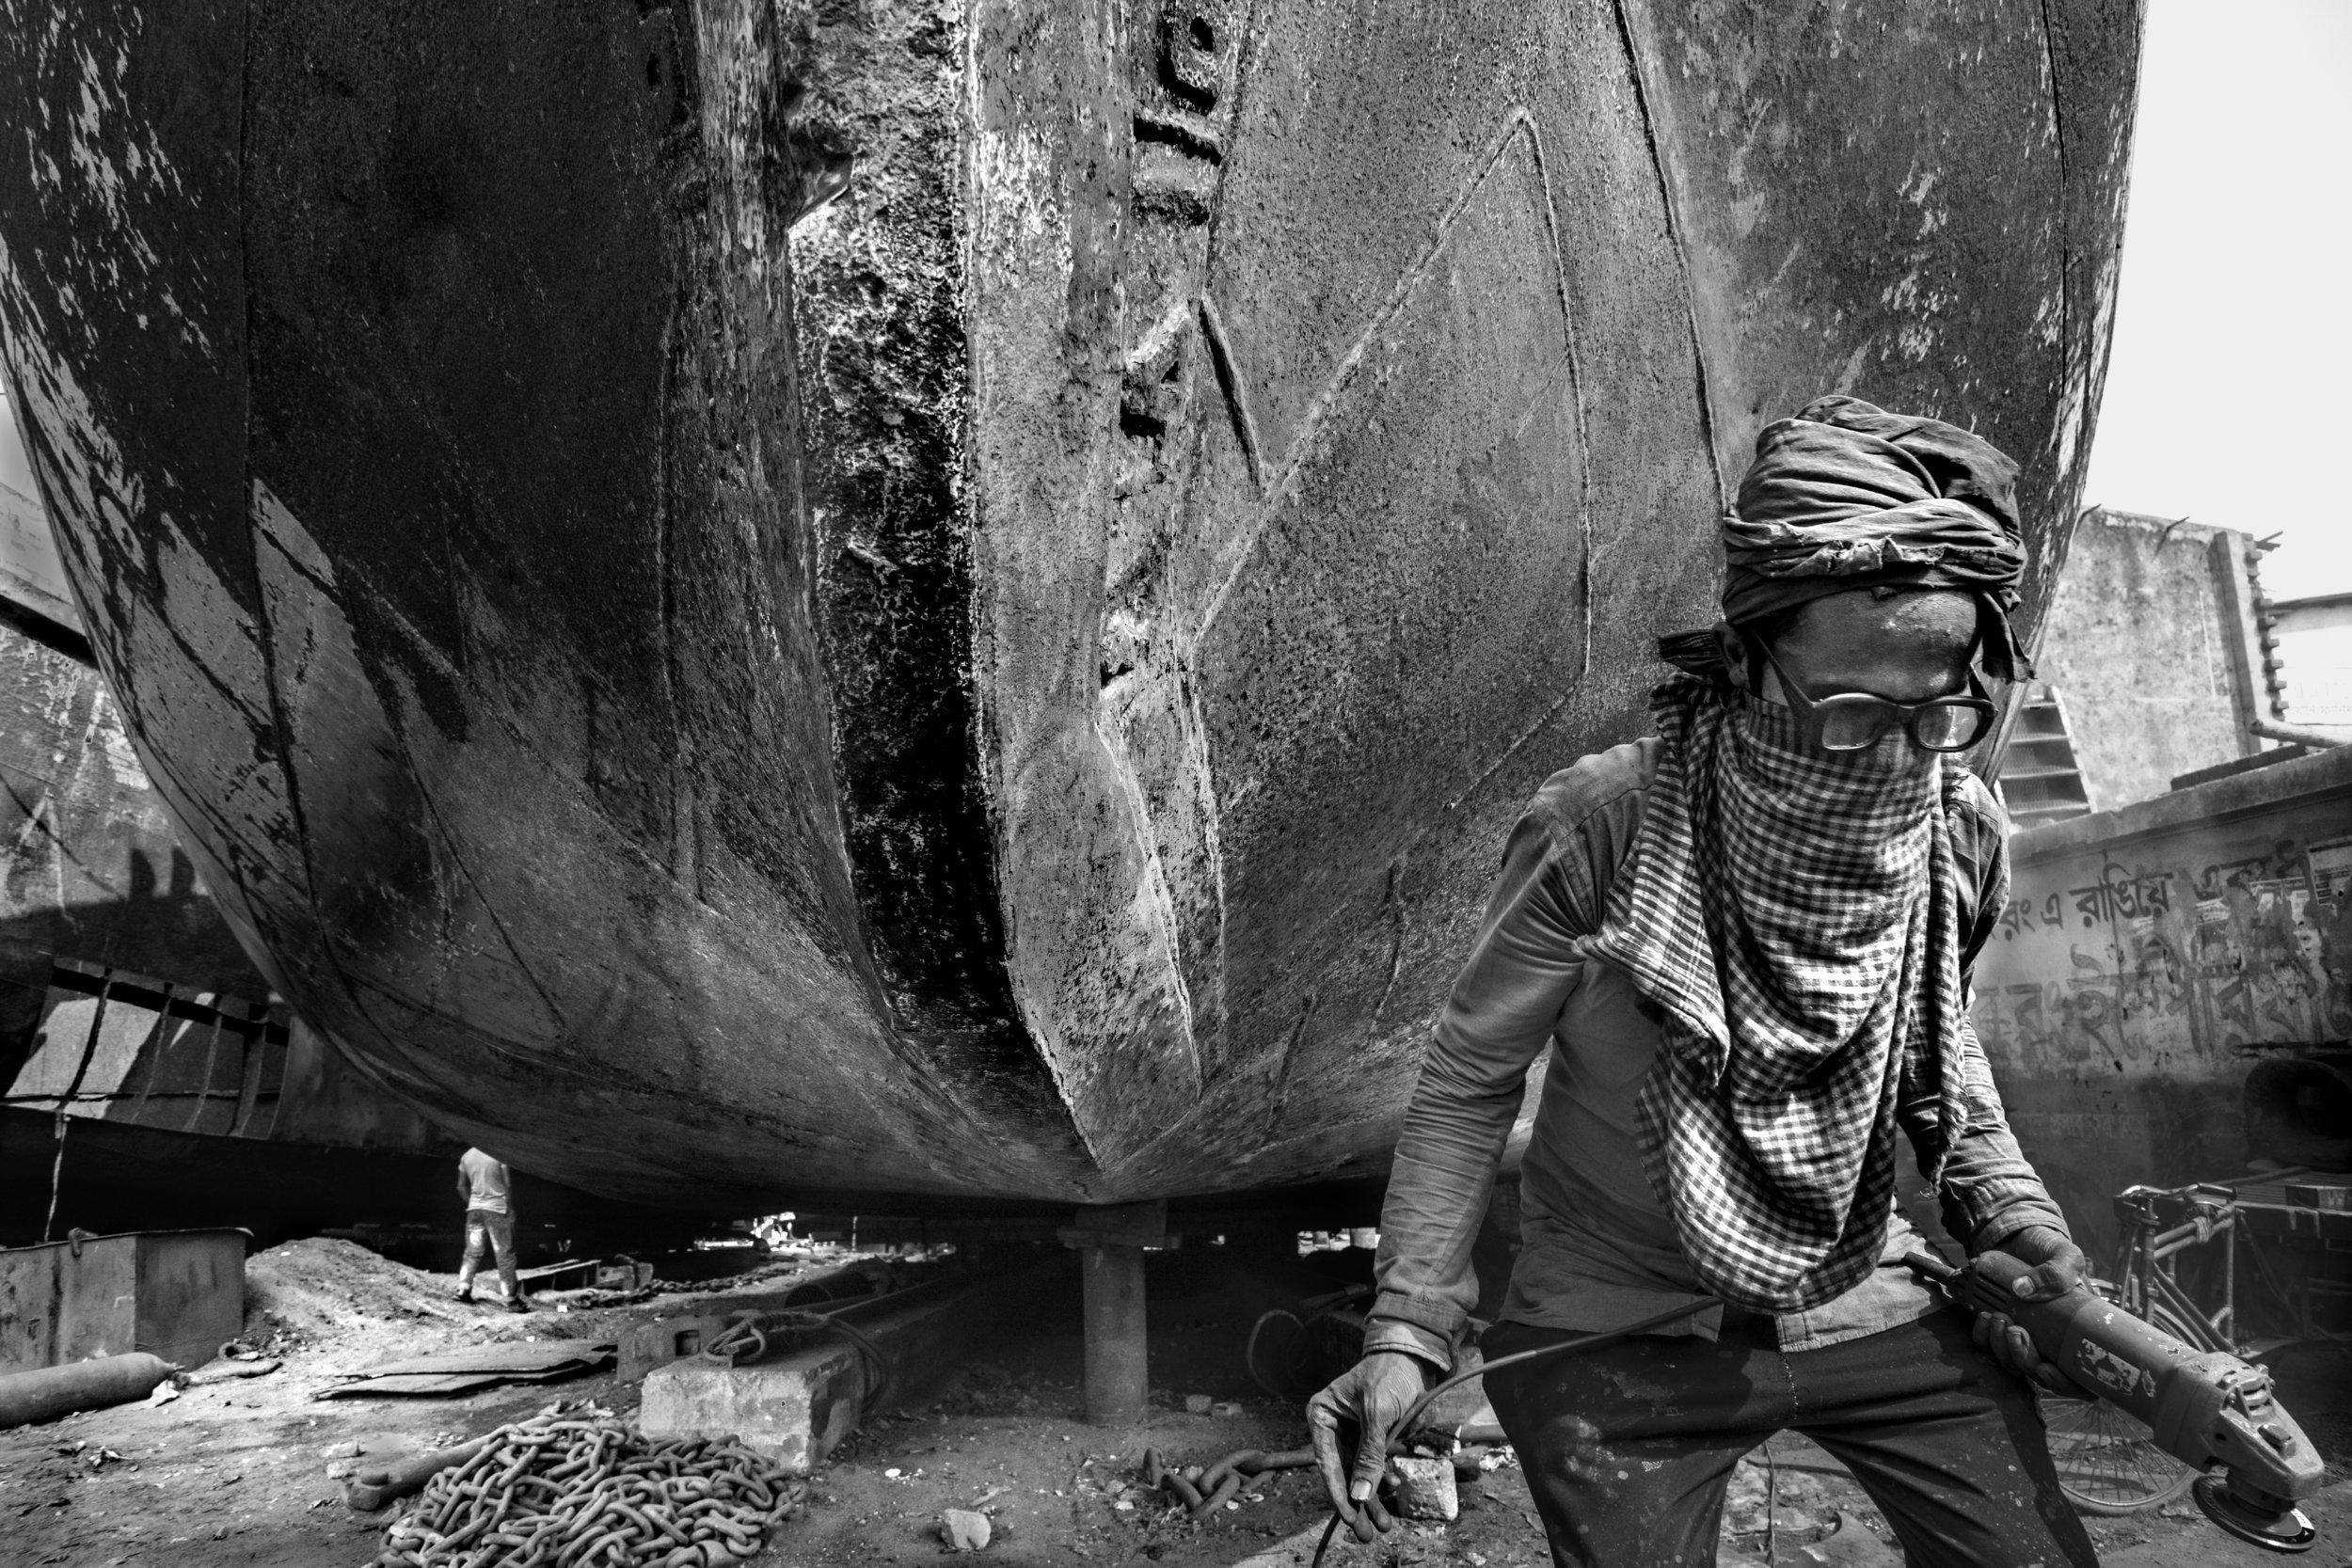 Bangladesh Boats-4.jpg